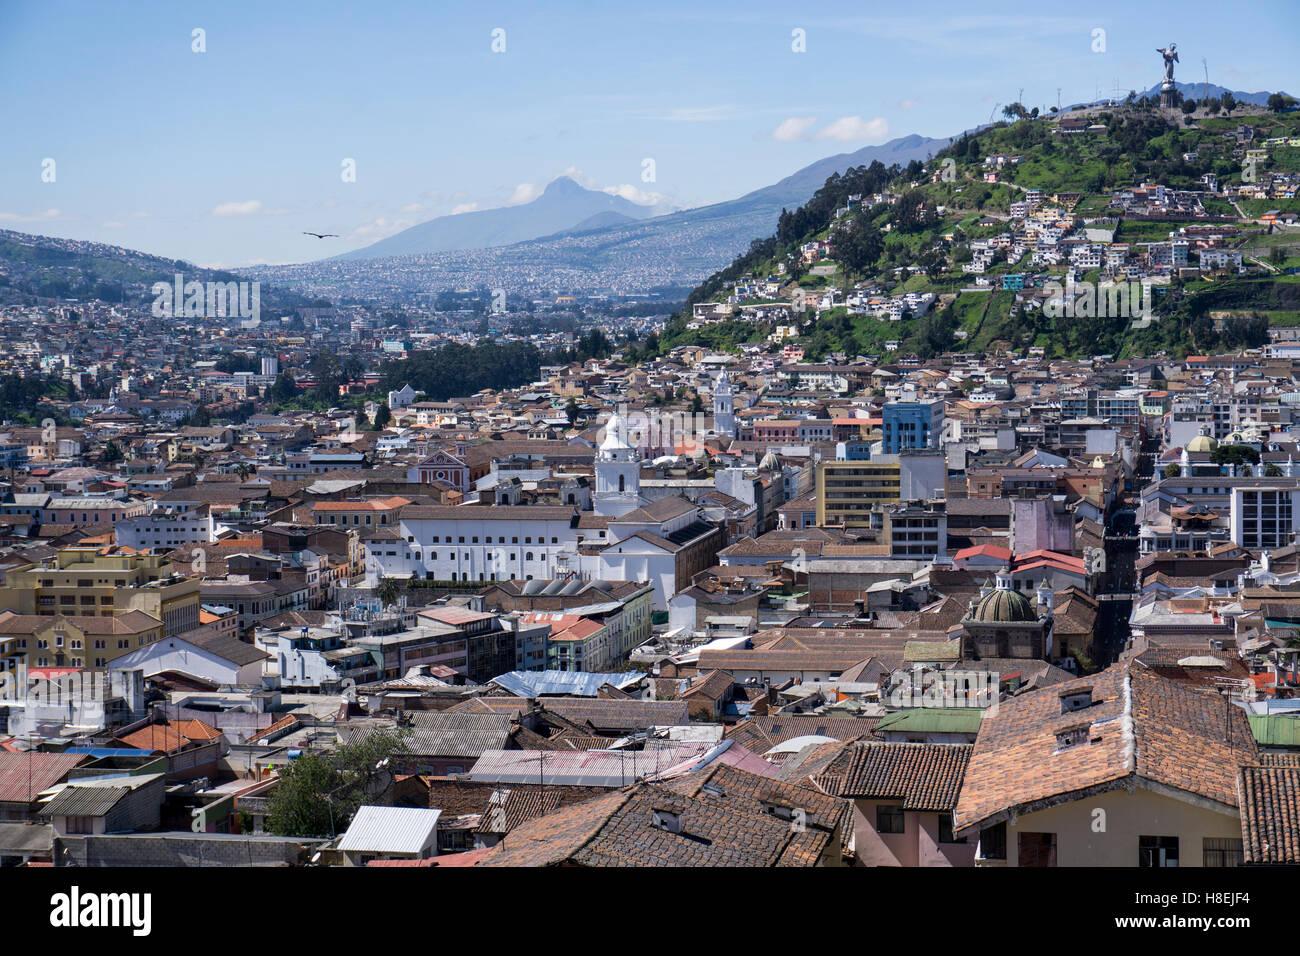 Vista de la ciudad de Quito, Ecuador, Sudamérica Imagen De Stock